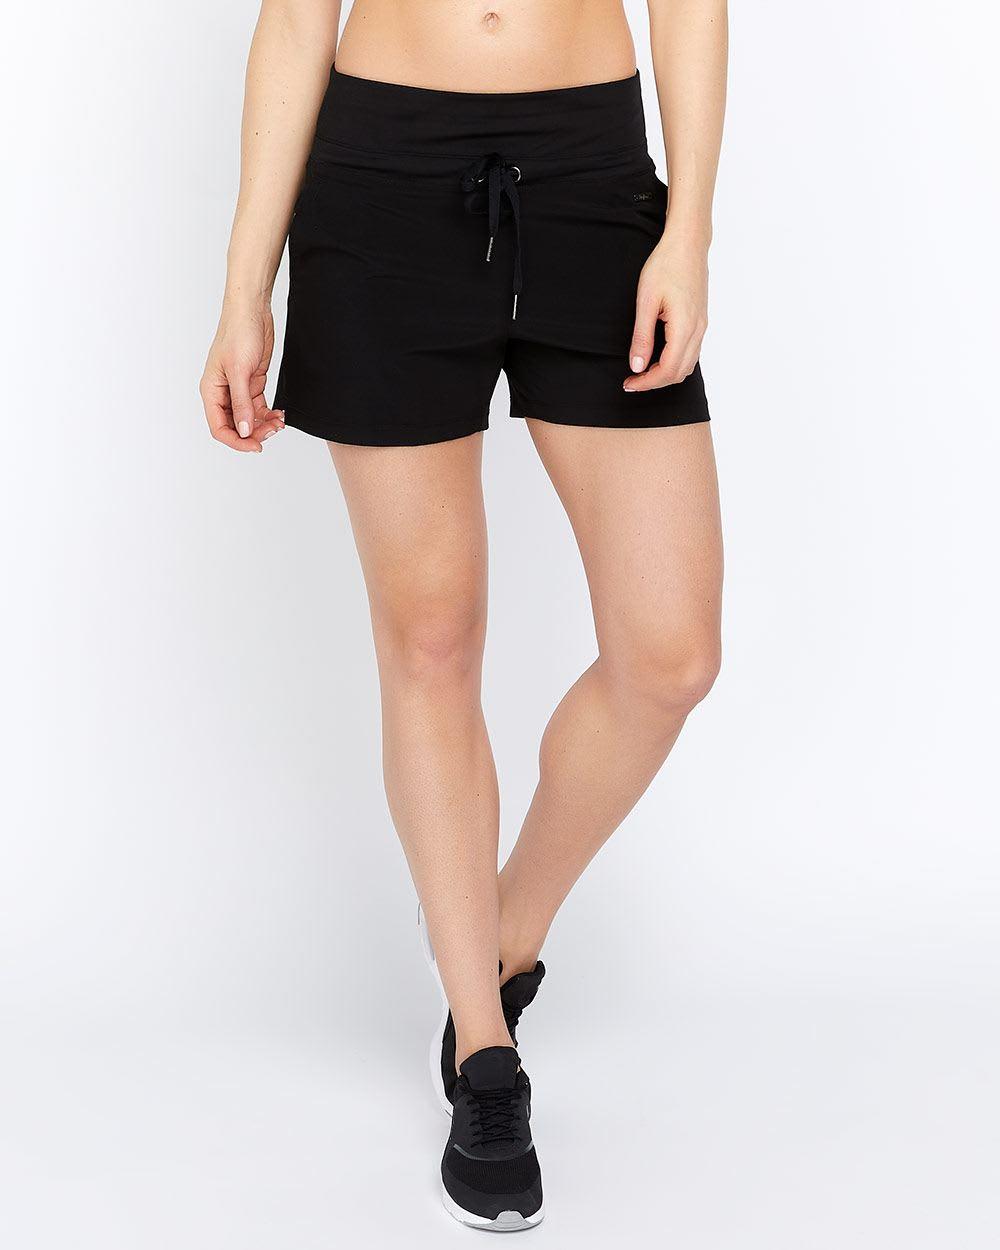 Hyba Woven Shorts  bc9414a21b4cf